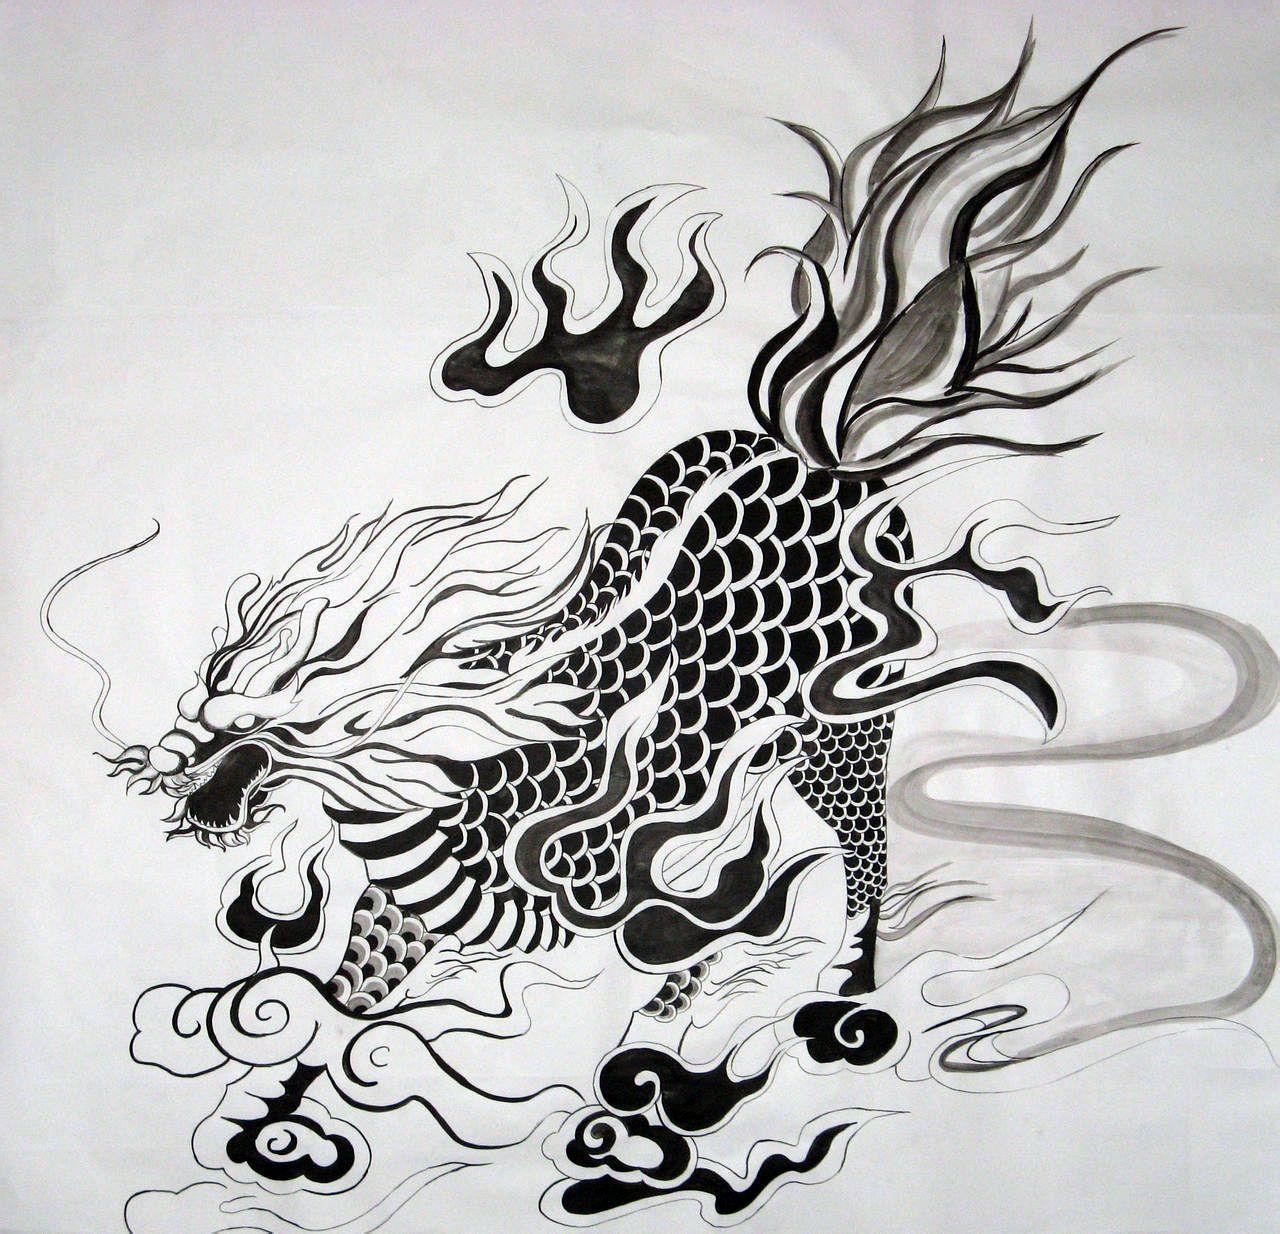 星影素材:上古神兽麒麟纹身,所到之处皆祥瑞.